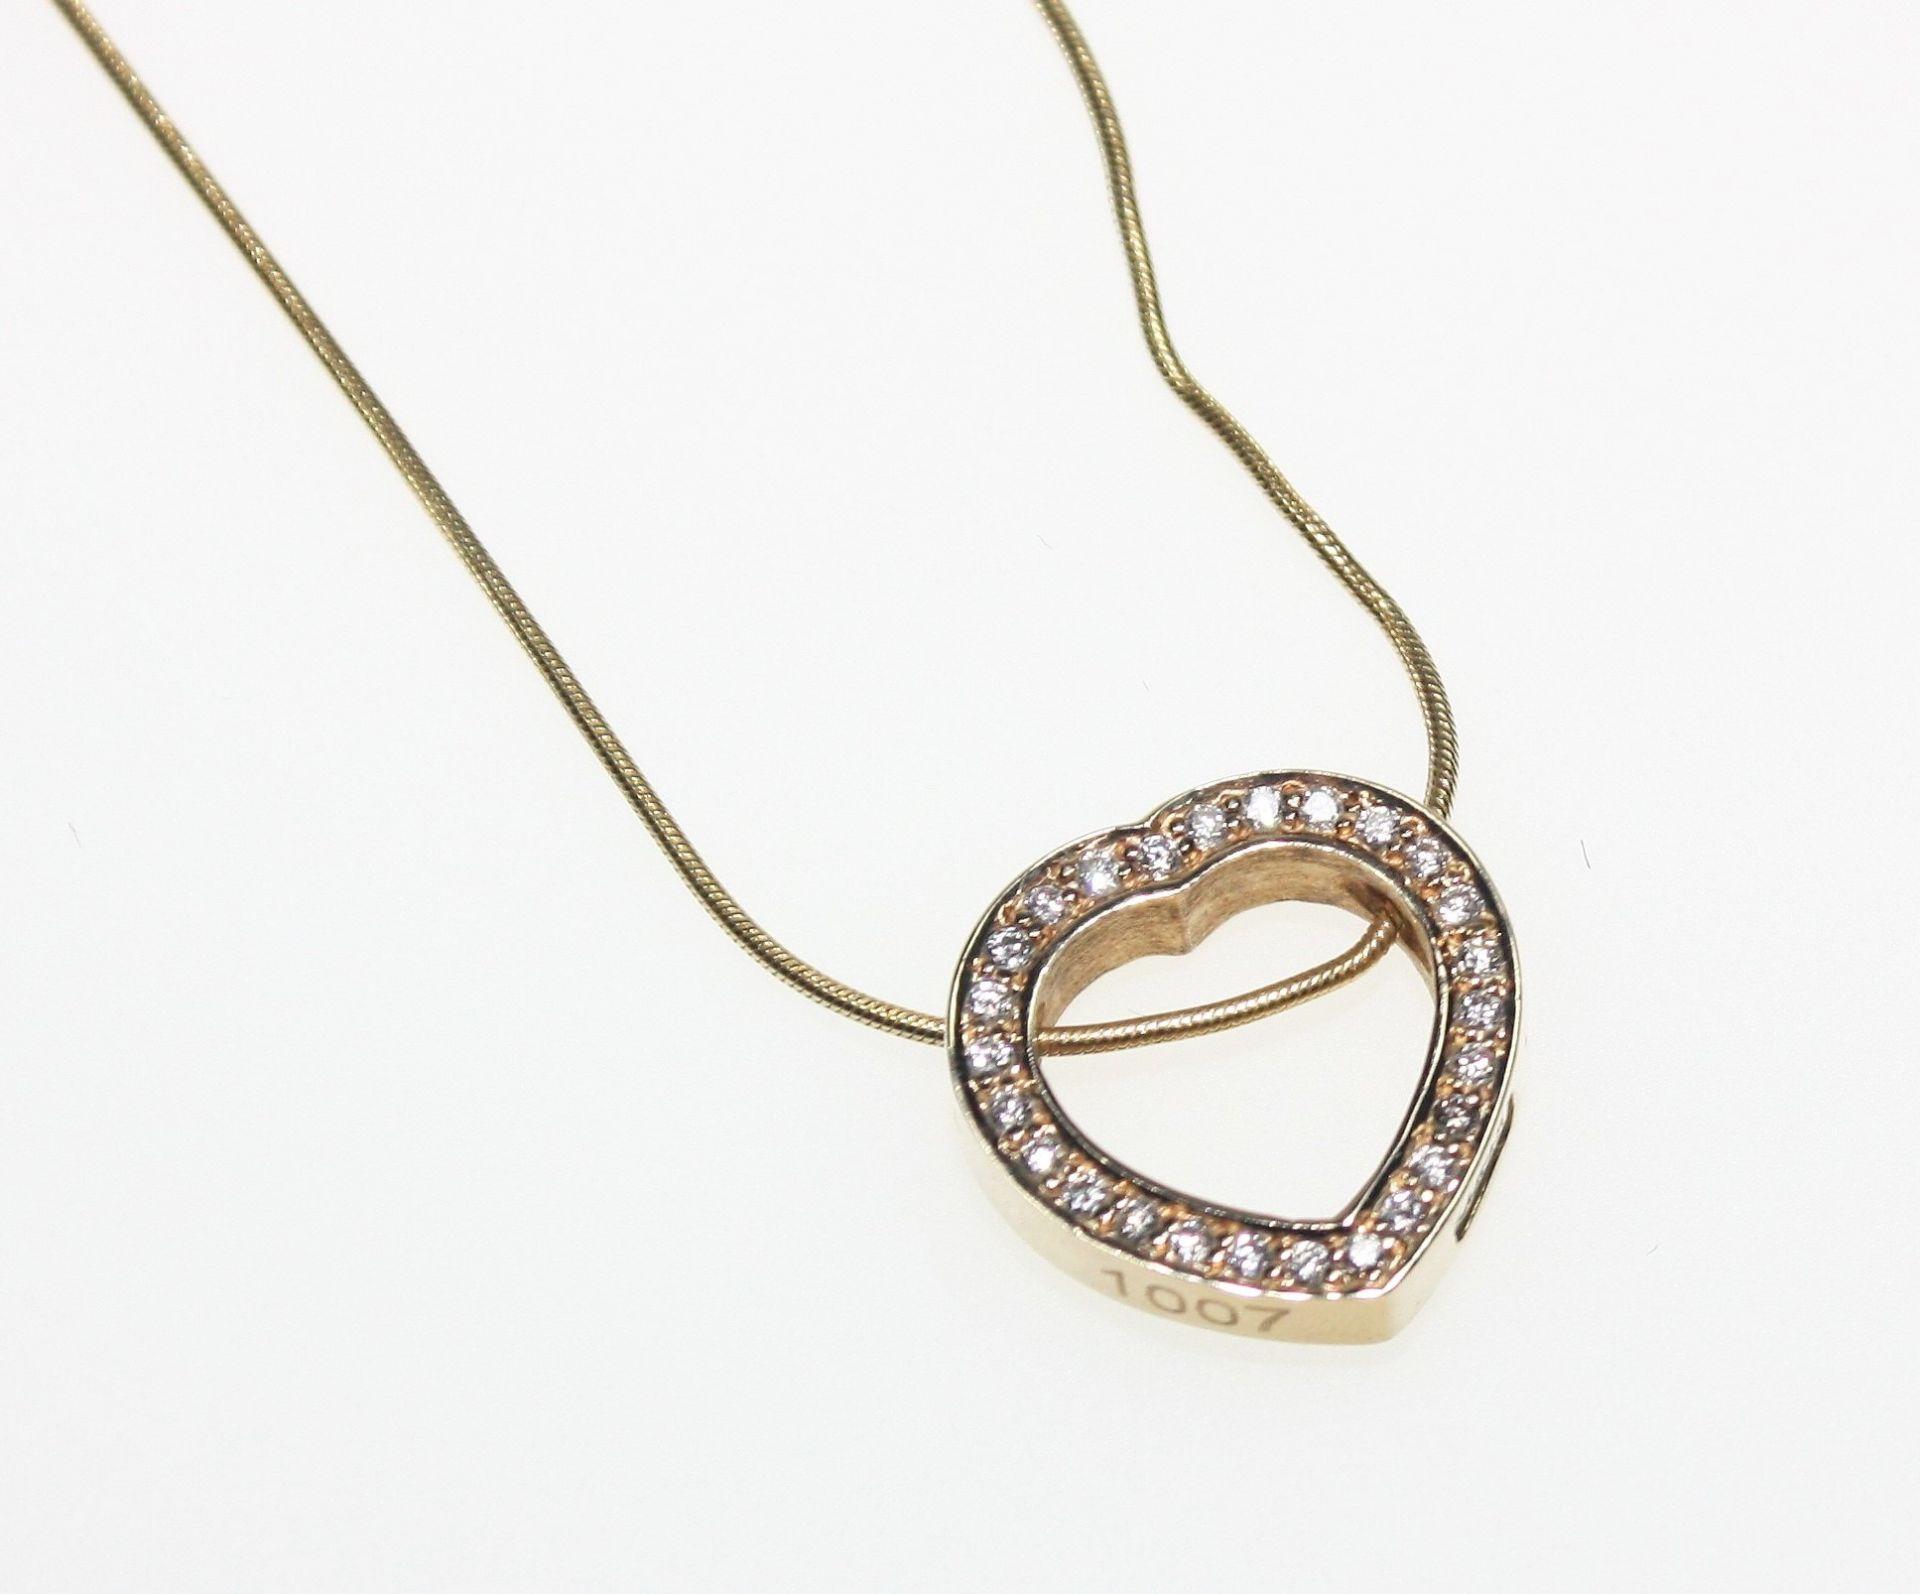 Los 23 - Zierliche Goldkette 585/f gest. mit offen gearbeitetem Herzanhänger 585/f gest. ausgefasst mit